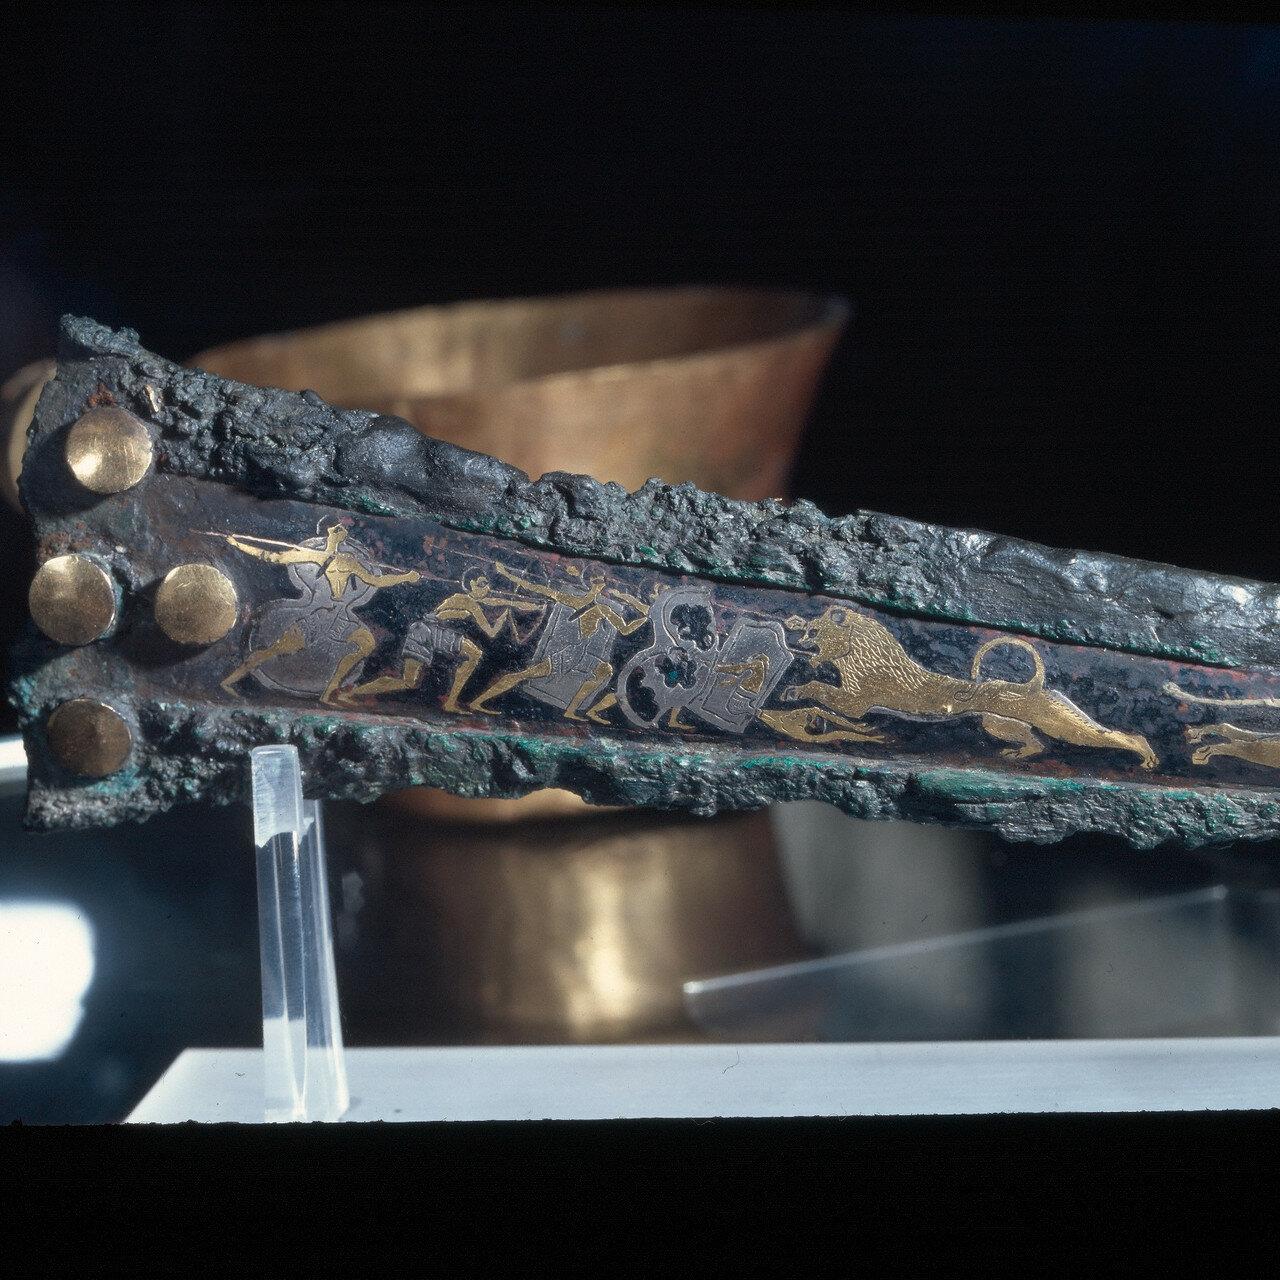 Микенский кинжал из могилы IV. Охота на львов. Бронза, инкрустированная золотом, серебром, электрумом, чернью. Конец XVI в. до н.э. Инв 394.